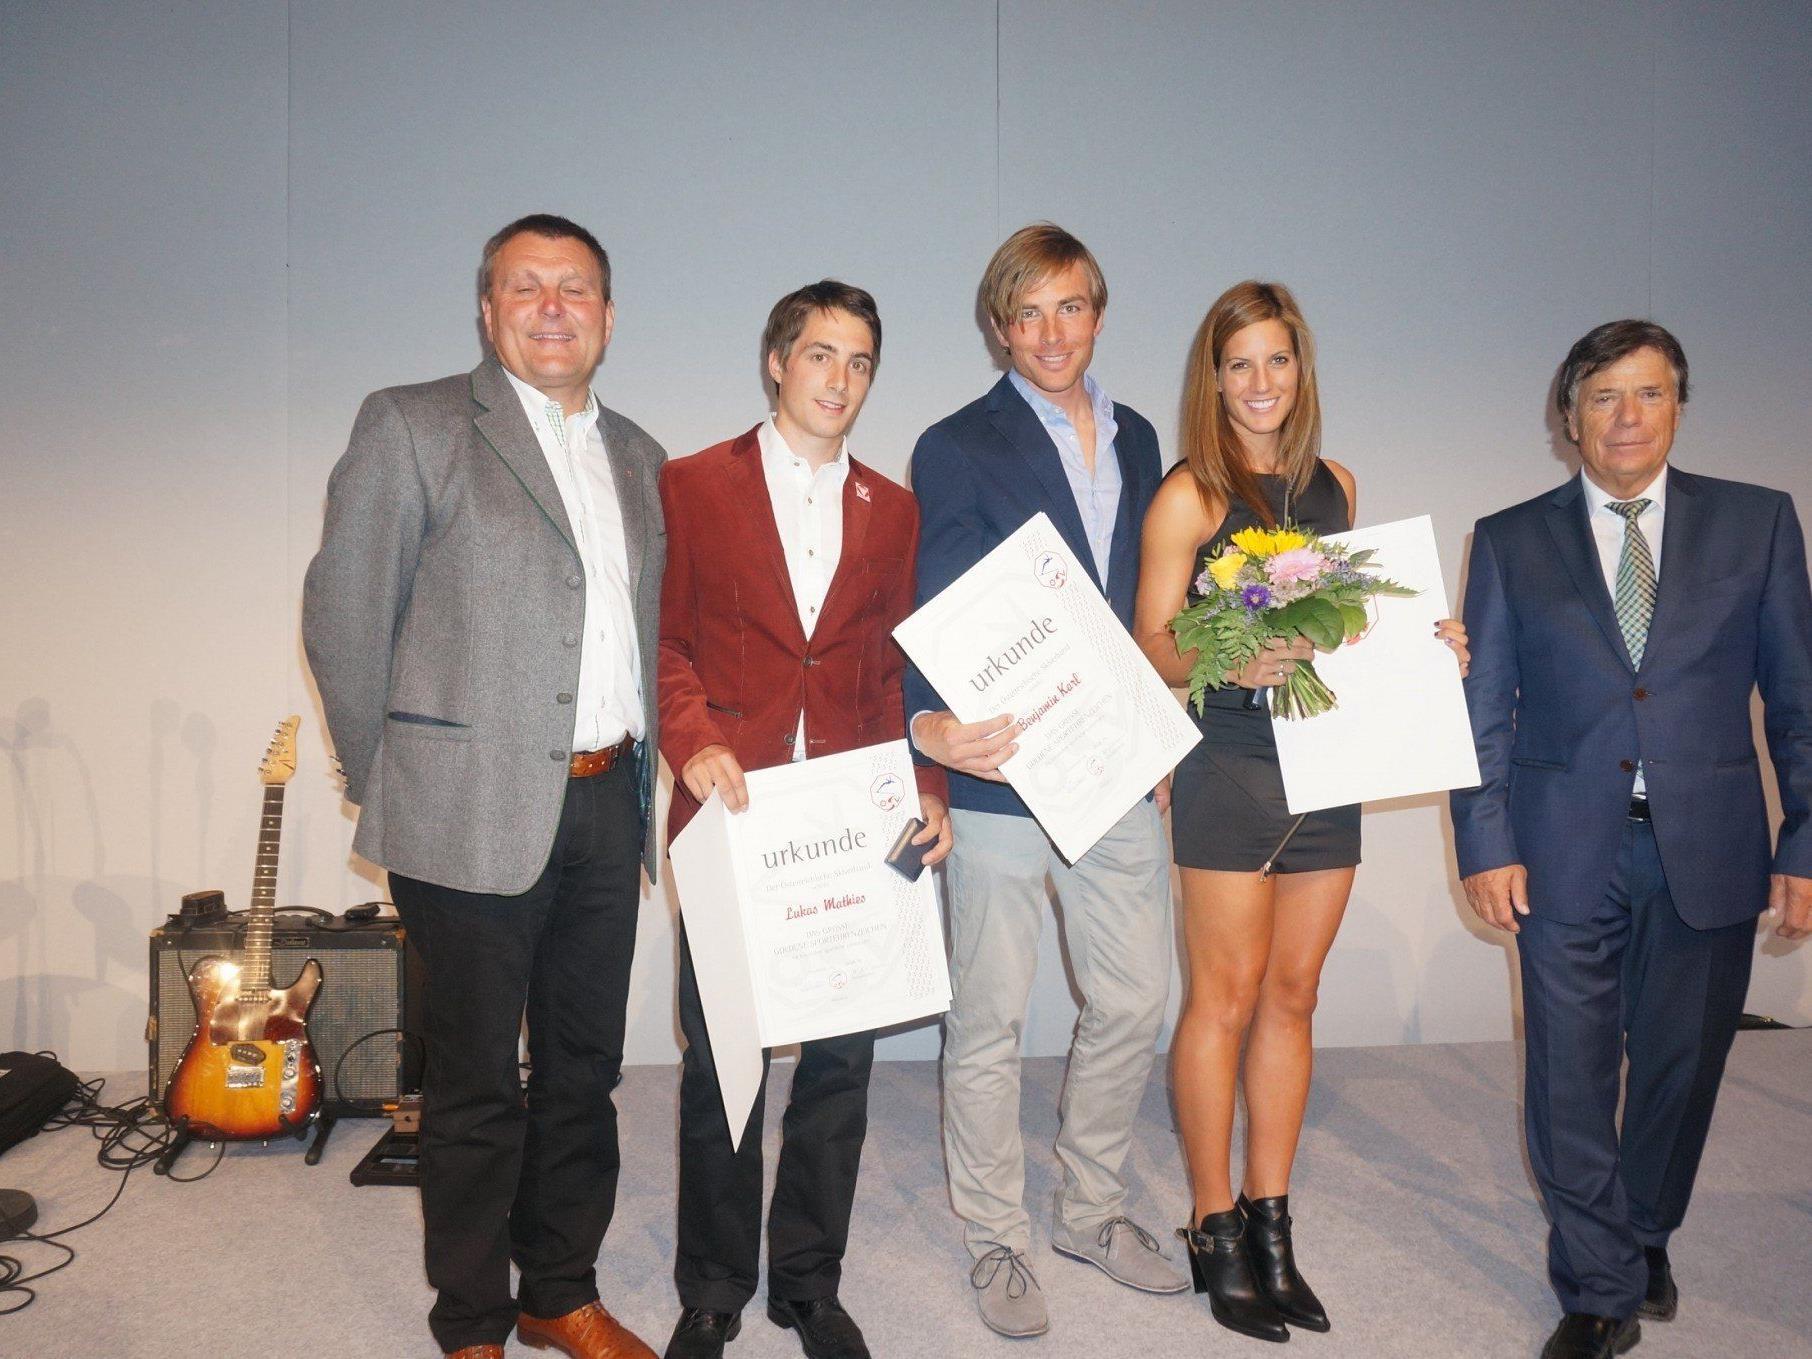 Ehrung für vier Vorarlberger bei der ÖSV Länderkonferenz in Lech.